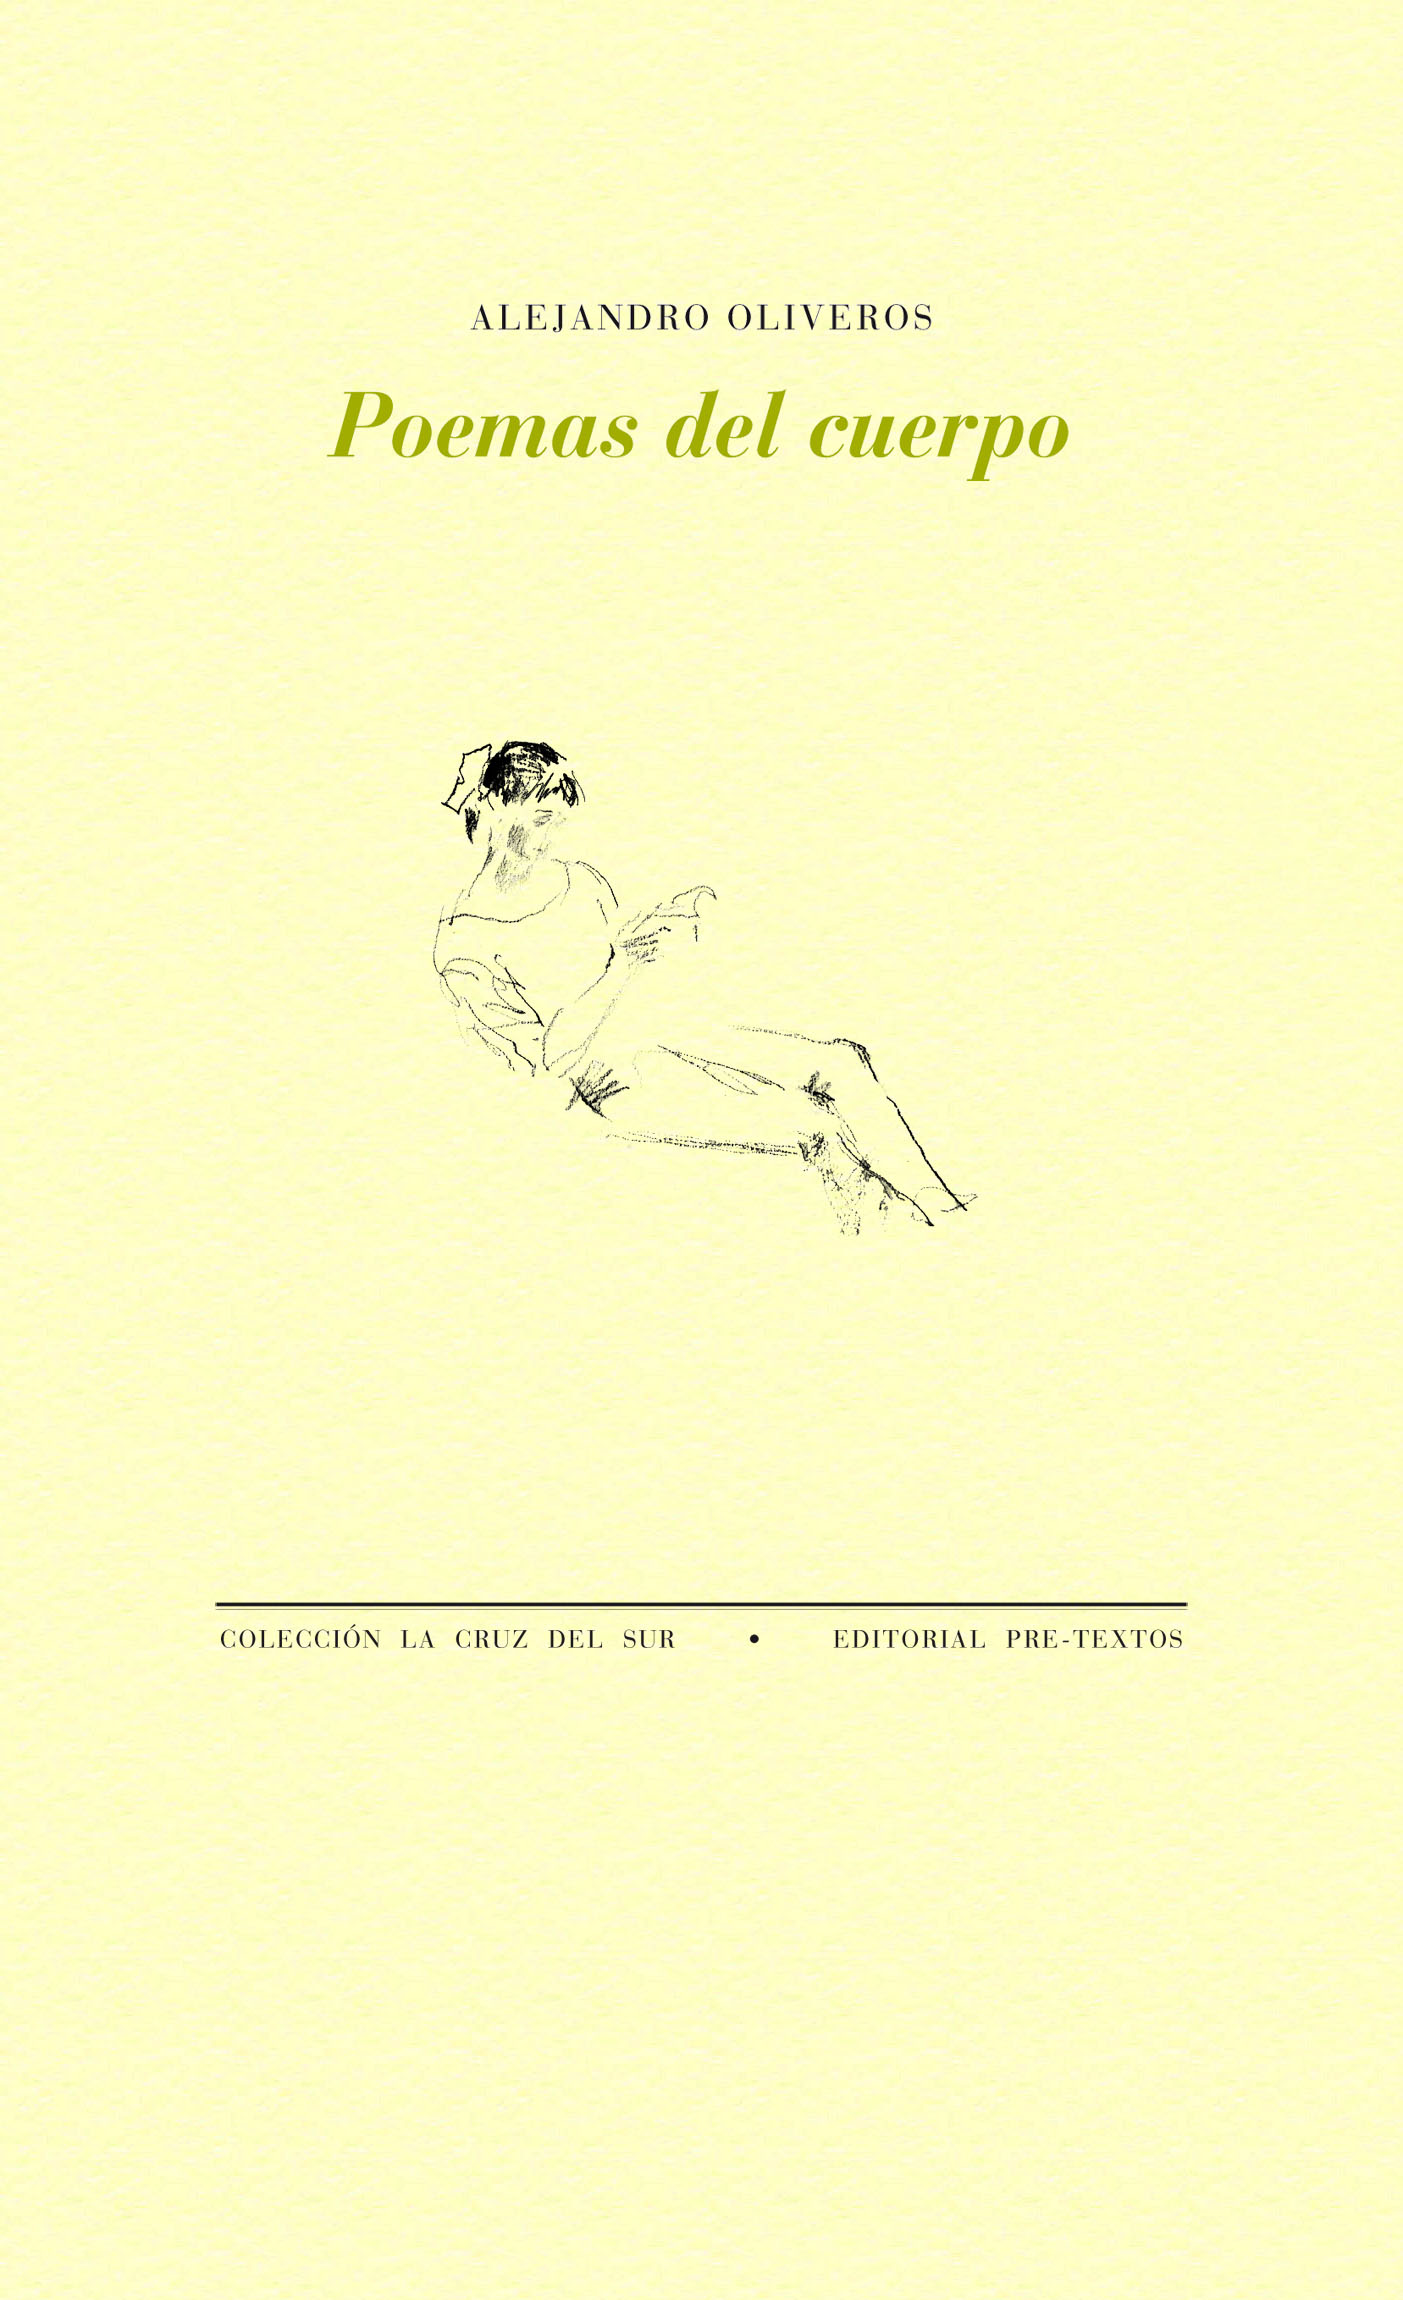 Poemas del cuerpo